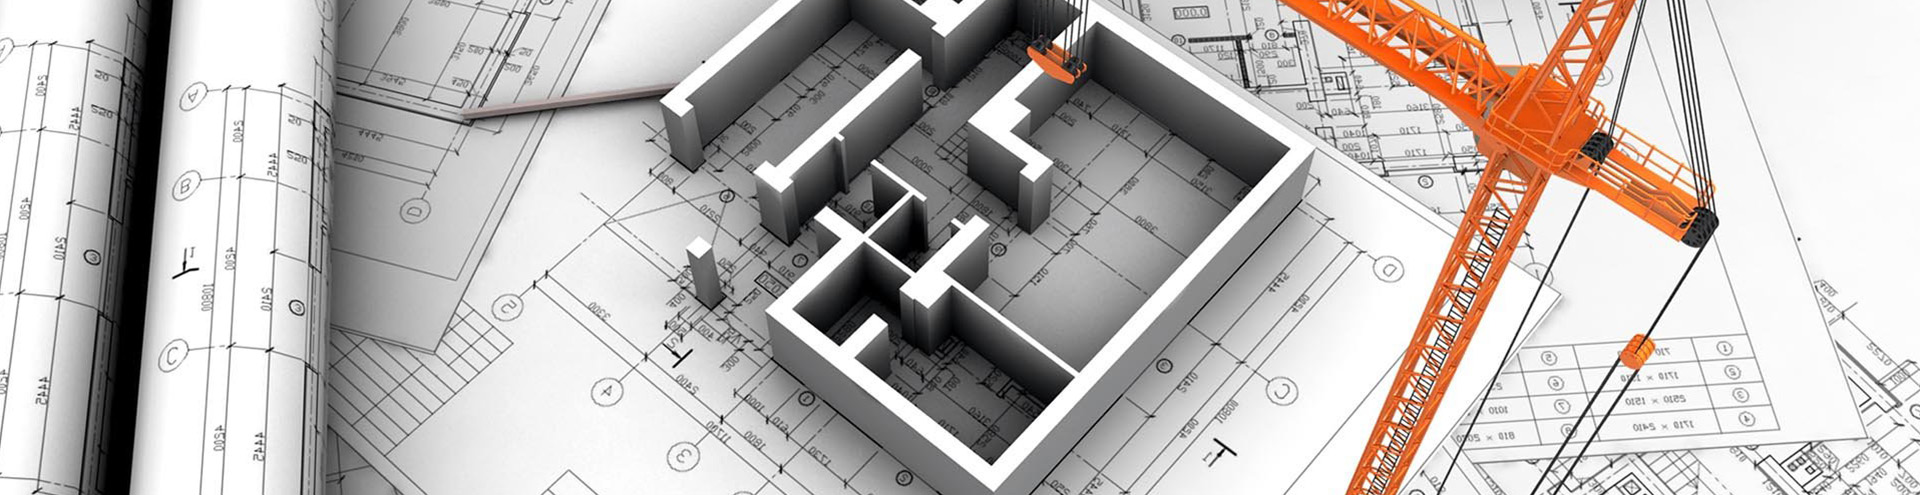 выдача разрешения на строительство в Калуге